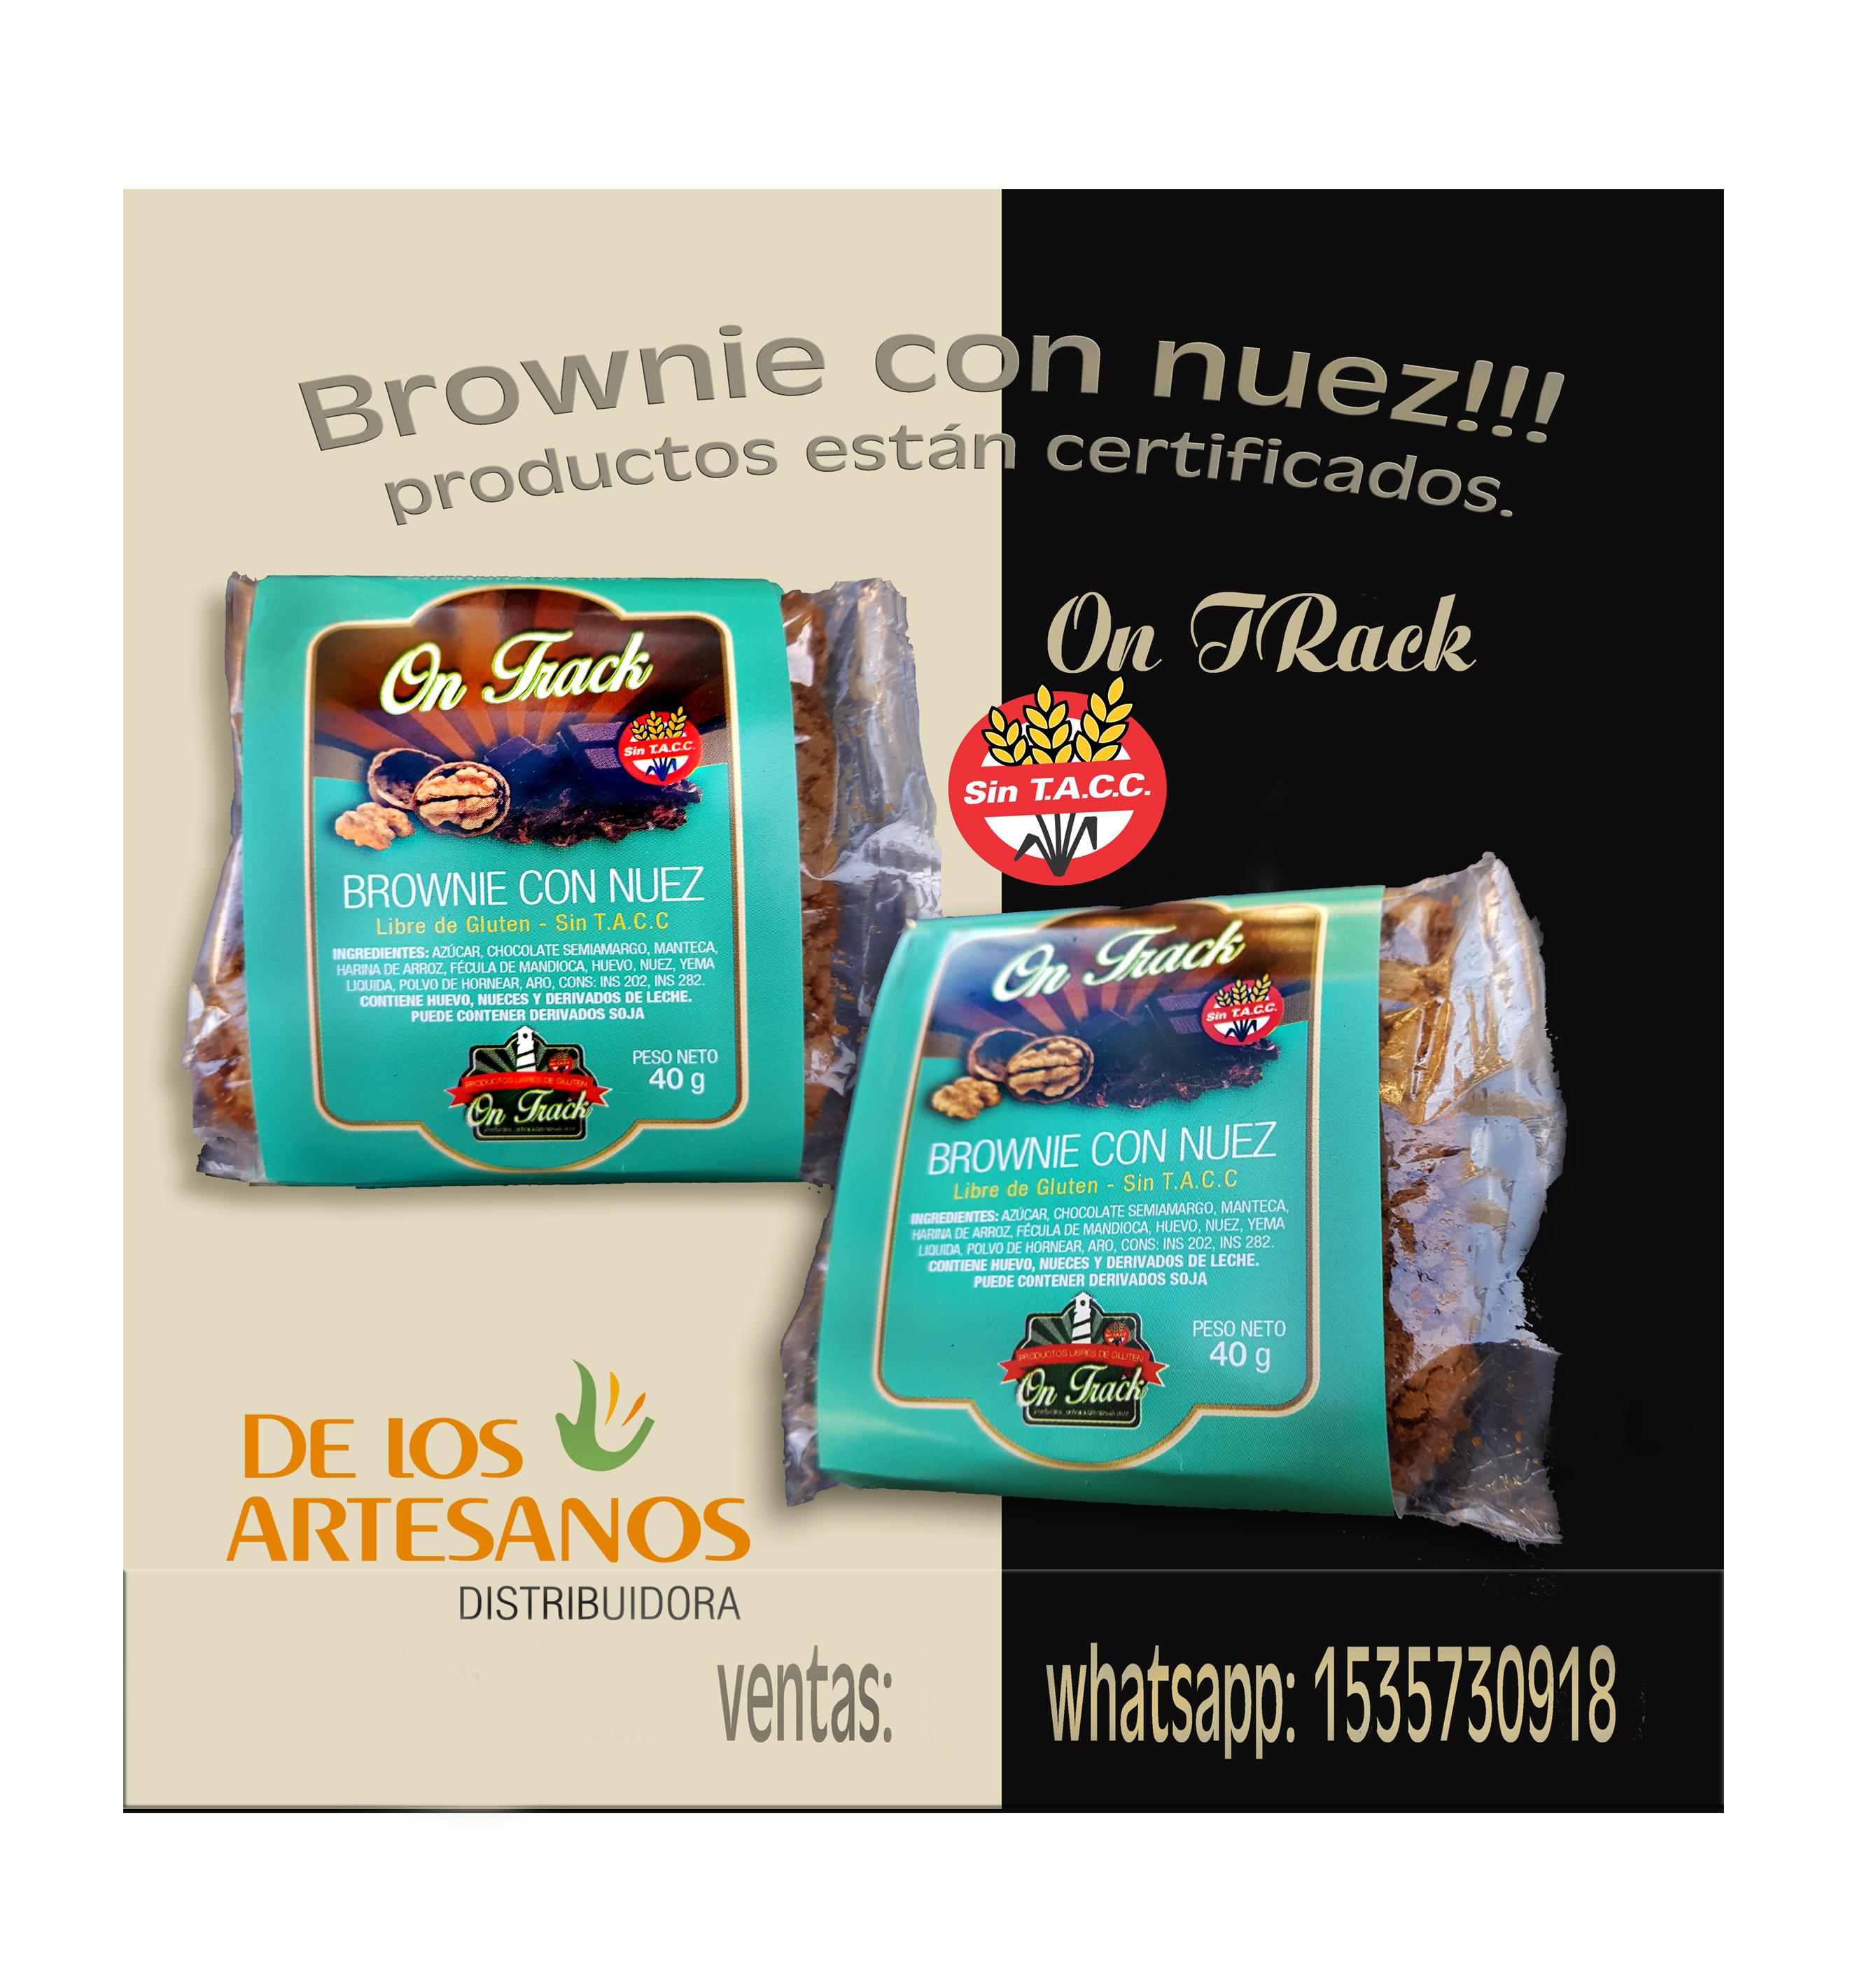 ✅Libres de gluten ON TRACK BROWNIE LIBRES DE GLUTEN, APTO CELIACOS, SIN TACC